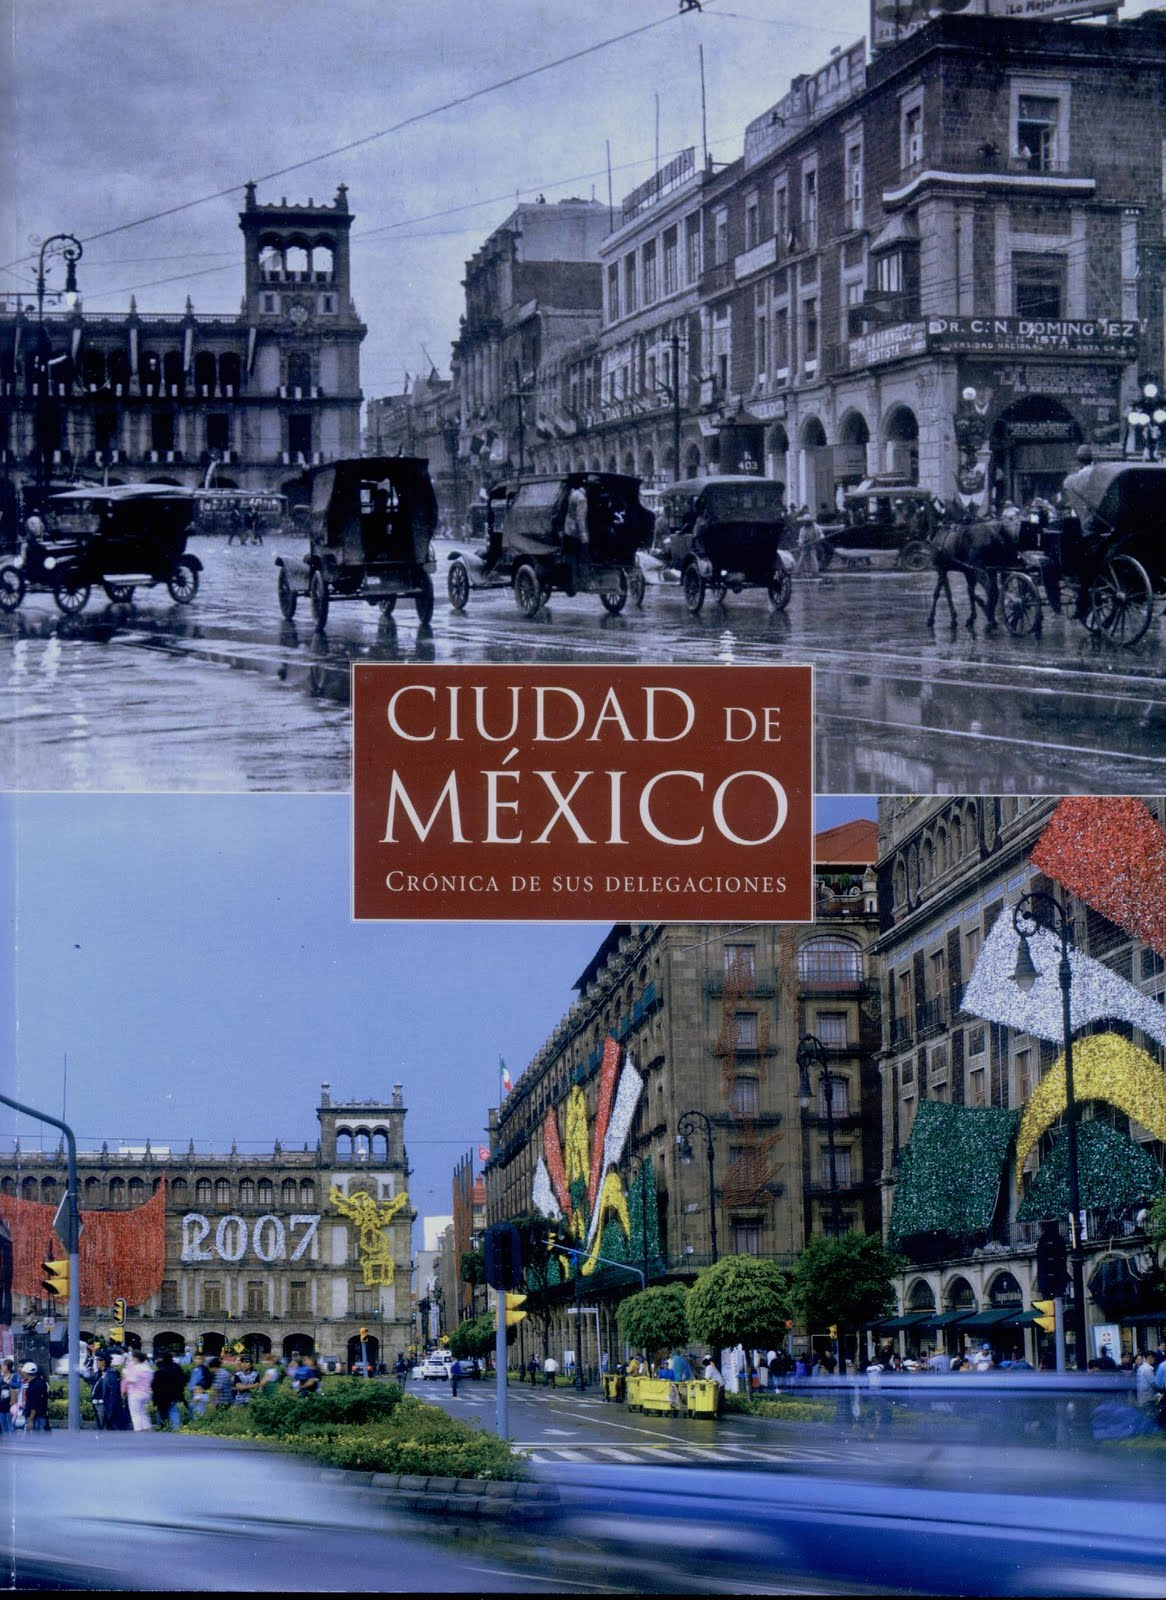 ciudad de mxico women Women´secret - centro coyoacán en centro coyoacán: 1 recomendaciones, 1 fotos, horarios, servicios, información de contacto y delivery de women´secret - centro coyoacán en la ciudad de.